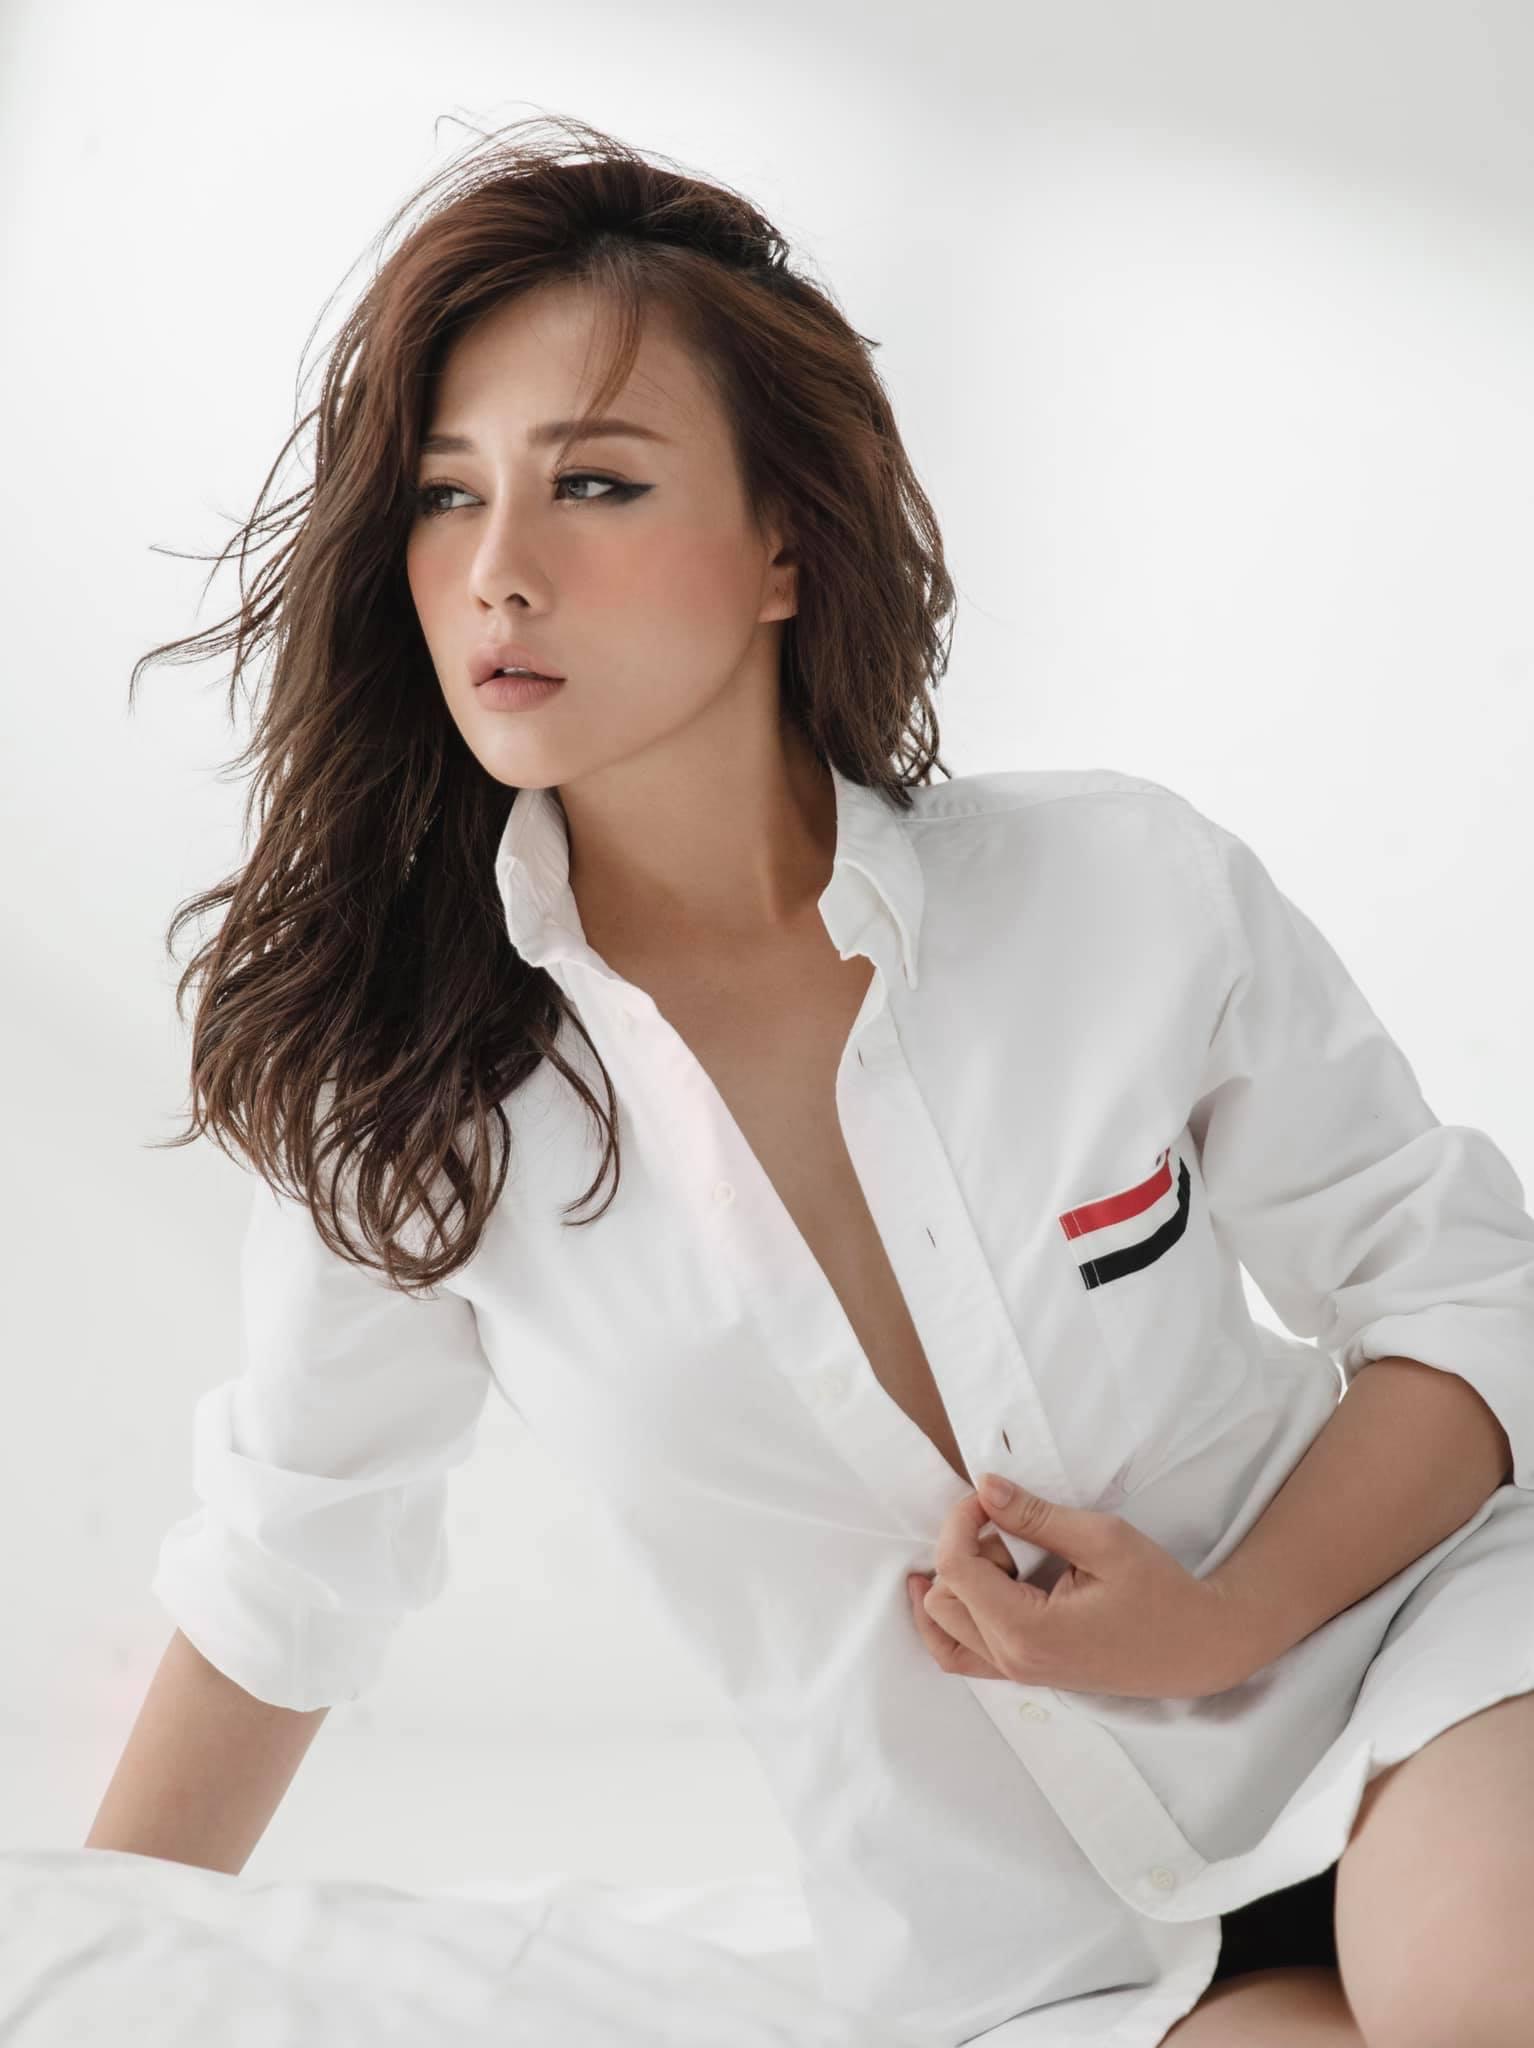 Phương Oanh Hương vị tình thân đáp trả xéo đi, rác rưởi khi bị anti-fan bình luận tục tĩu-7